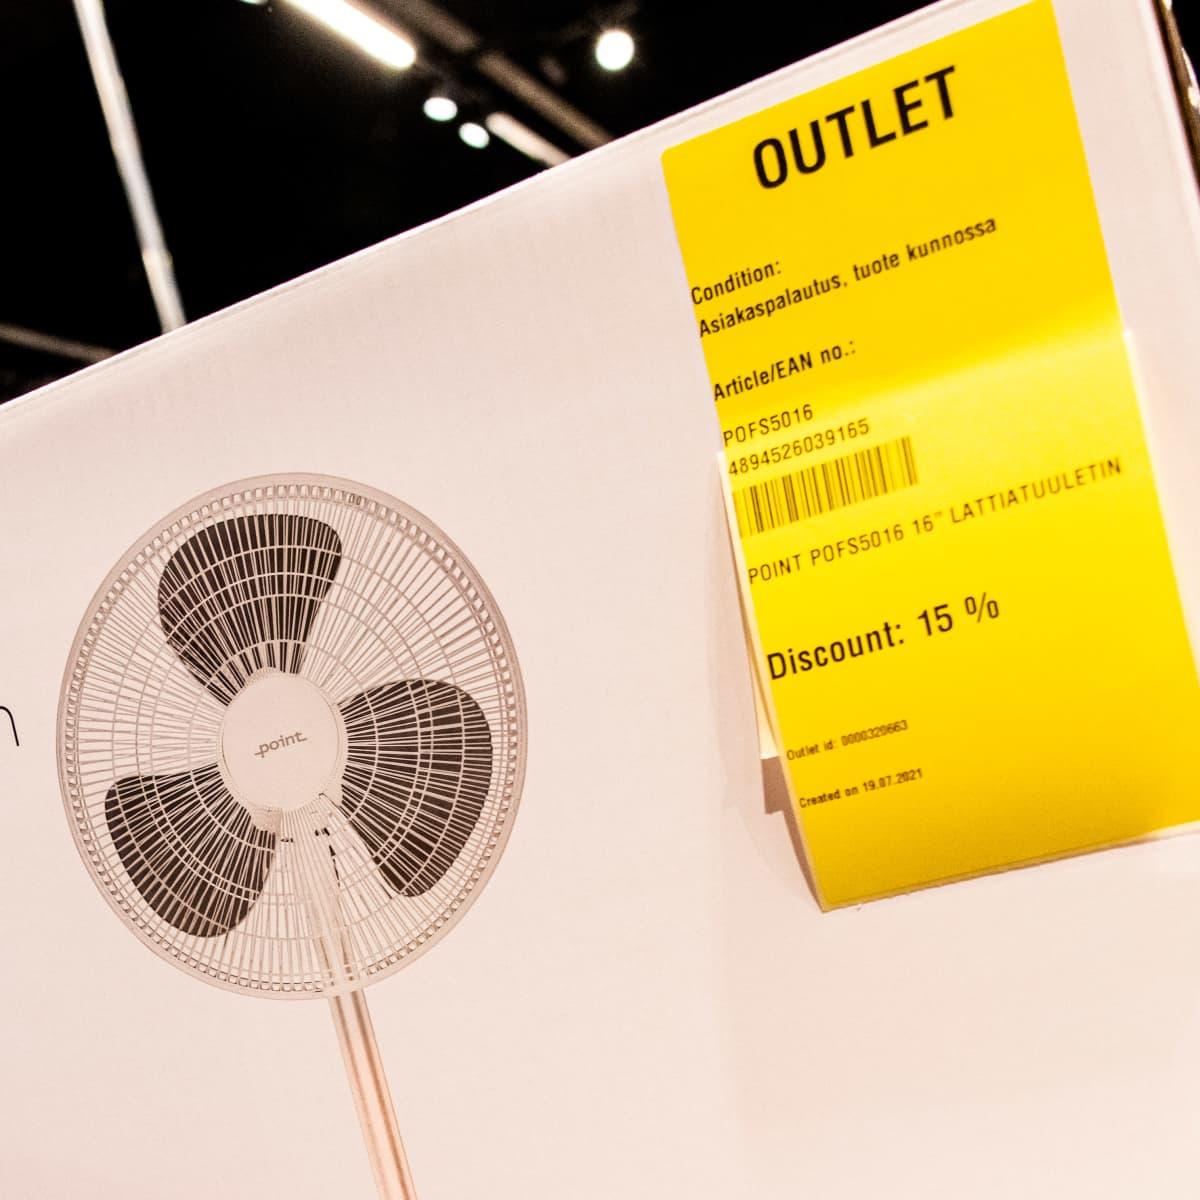 Asiakkaan palauttama tuuletin uudelleen myynnissä tarkastettuna outlet tuotteena.